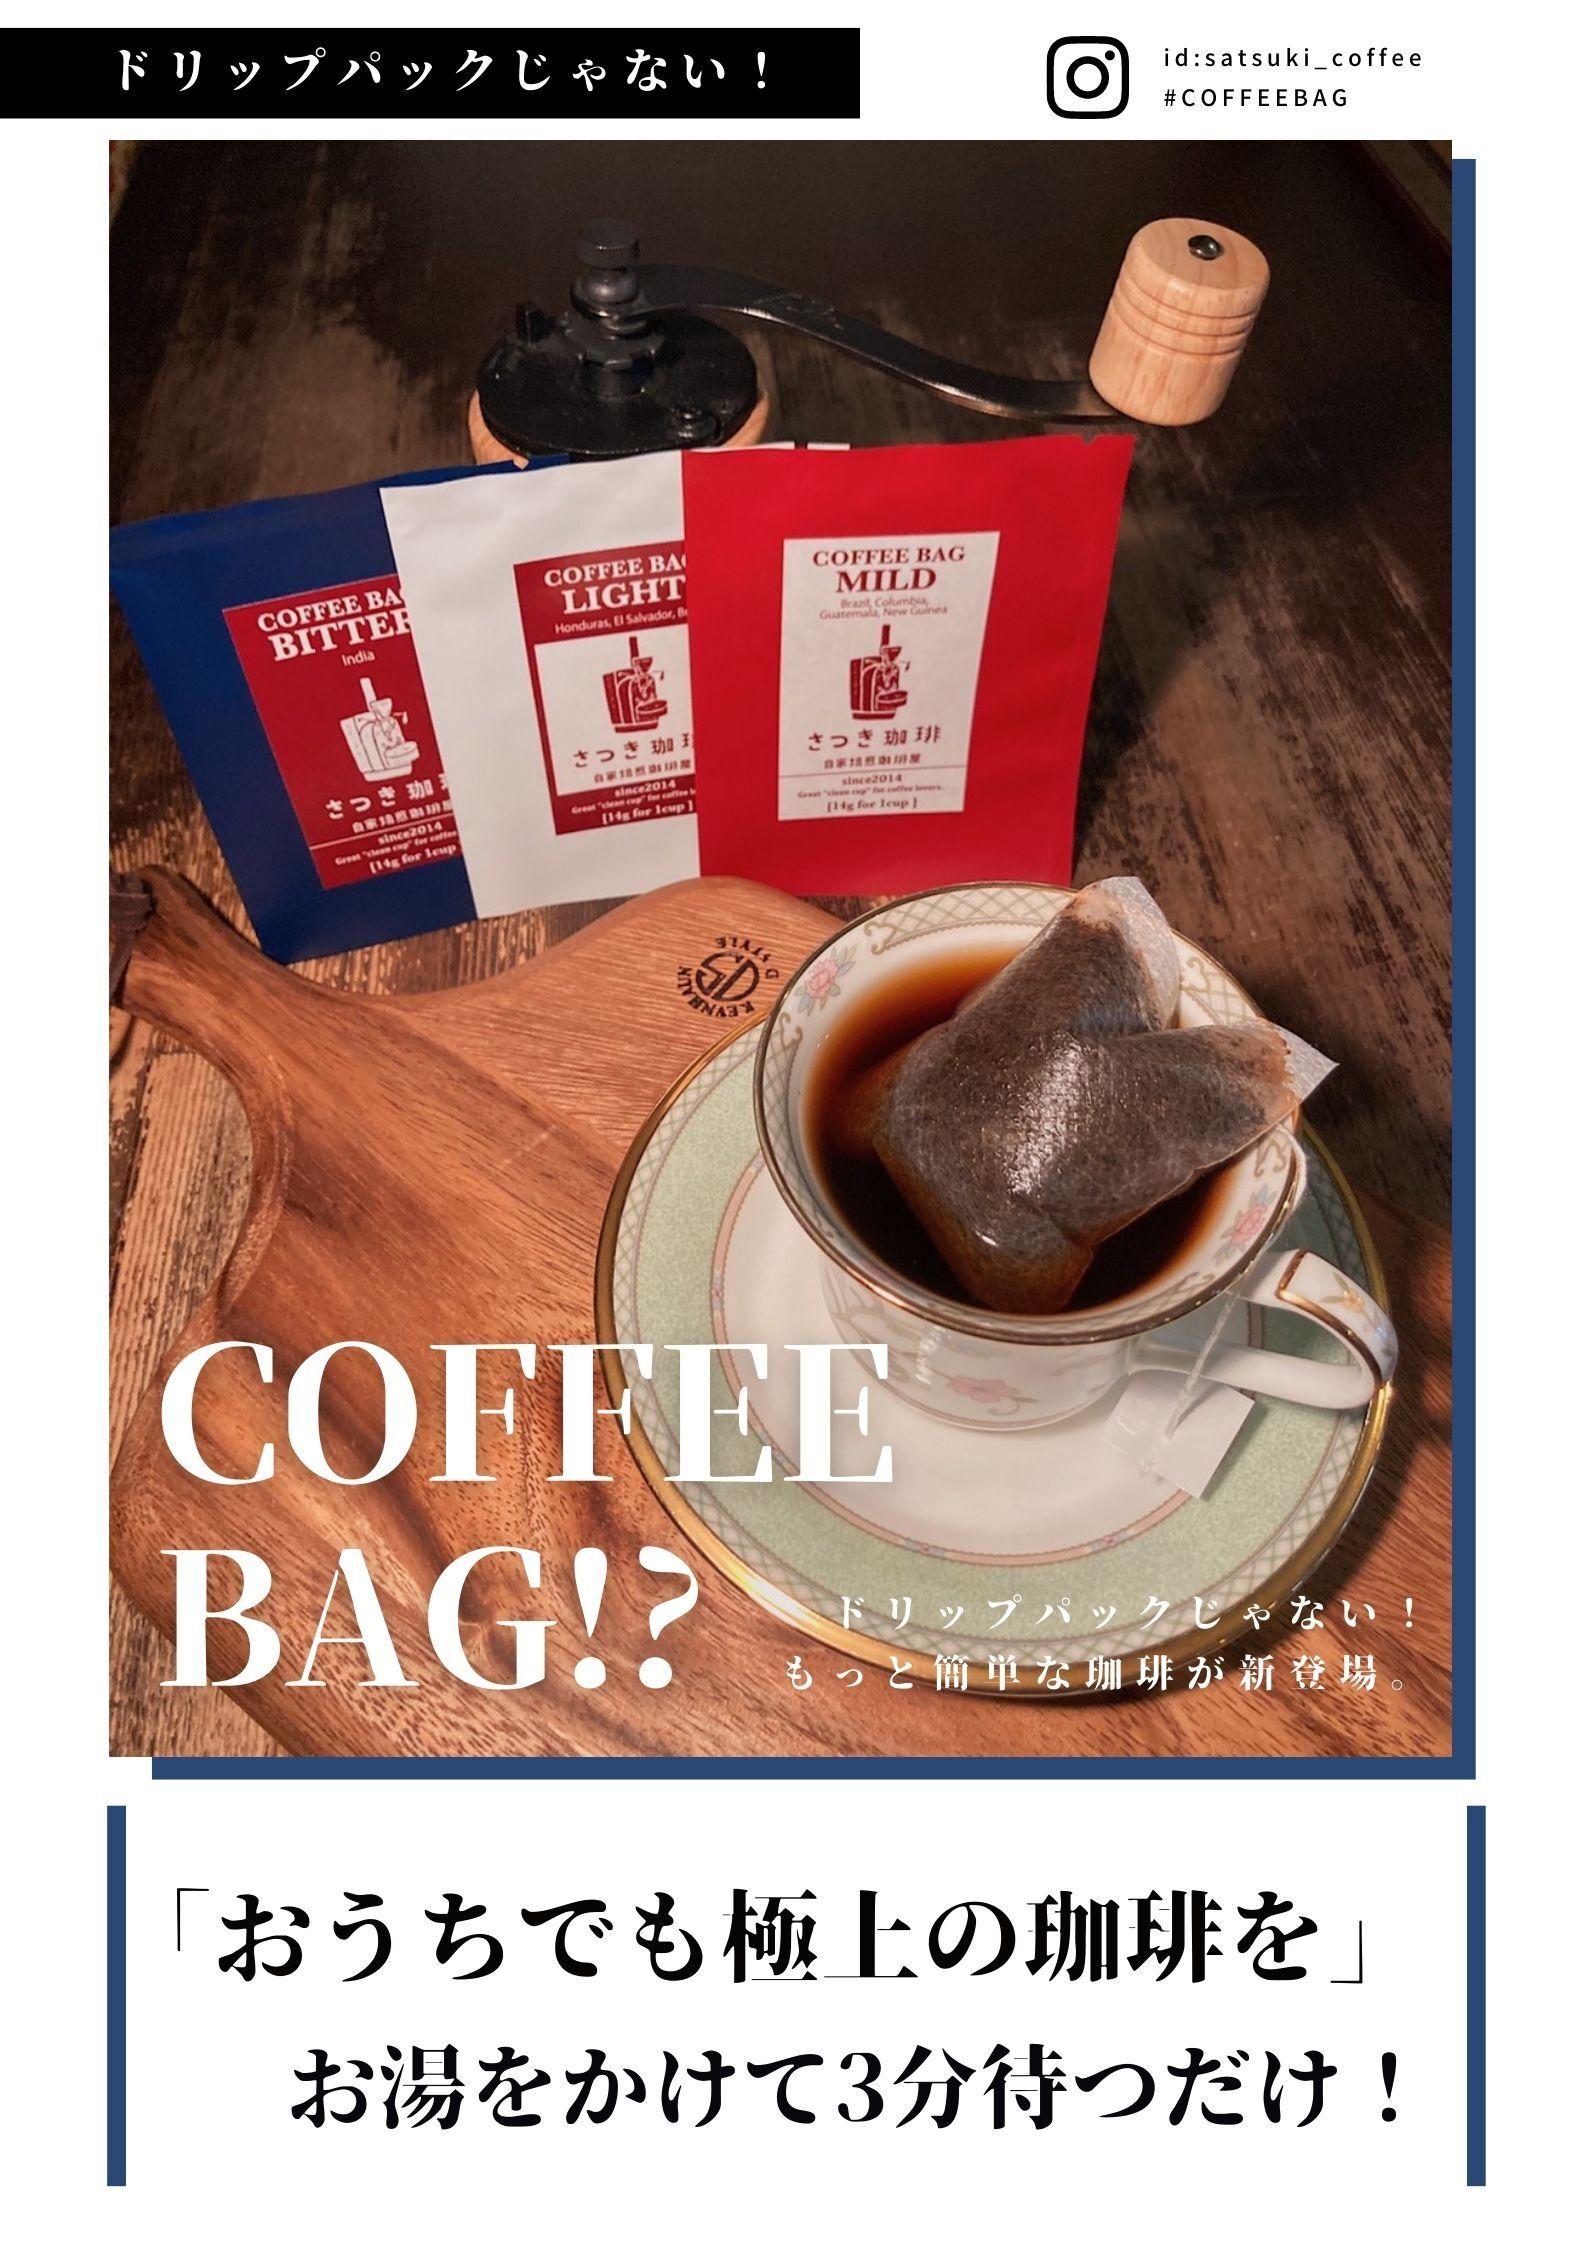 コーヒーバッグ16個入り(送料込み)